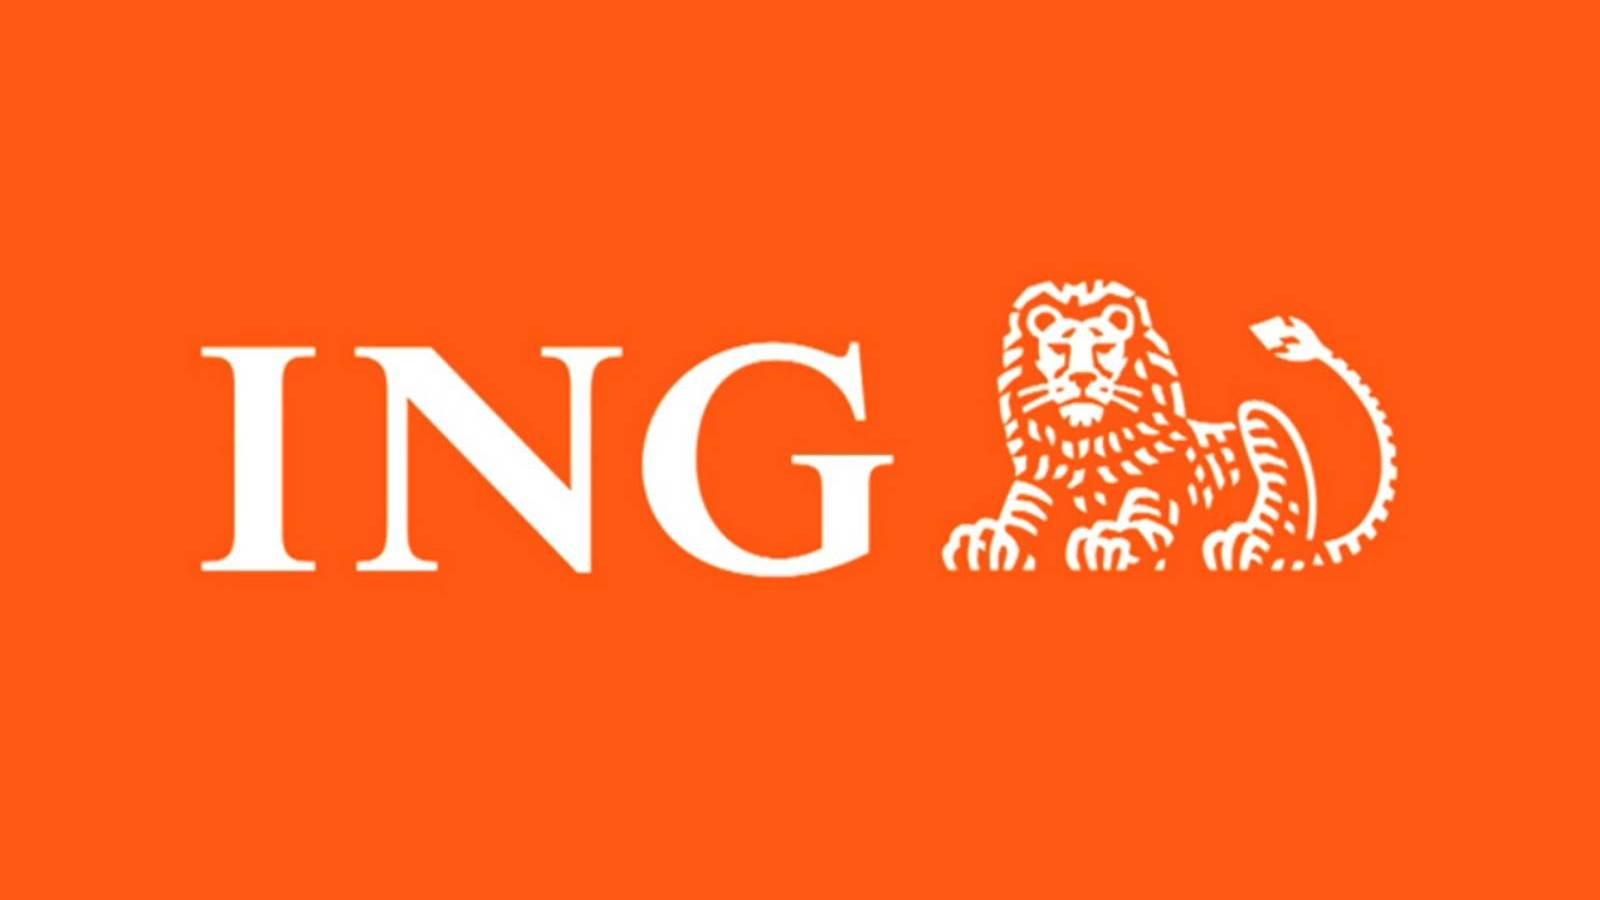 ING Bank clonare